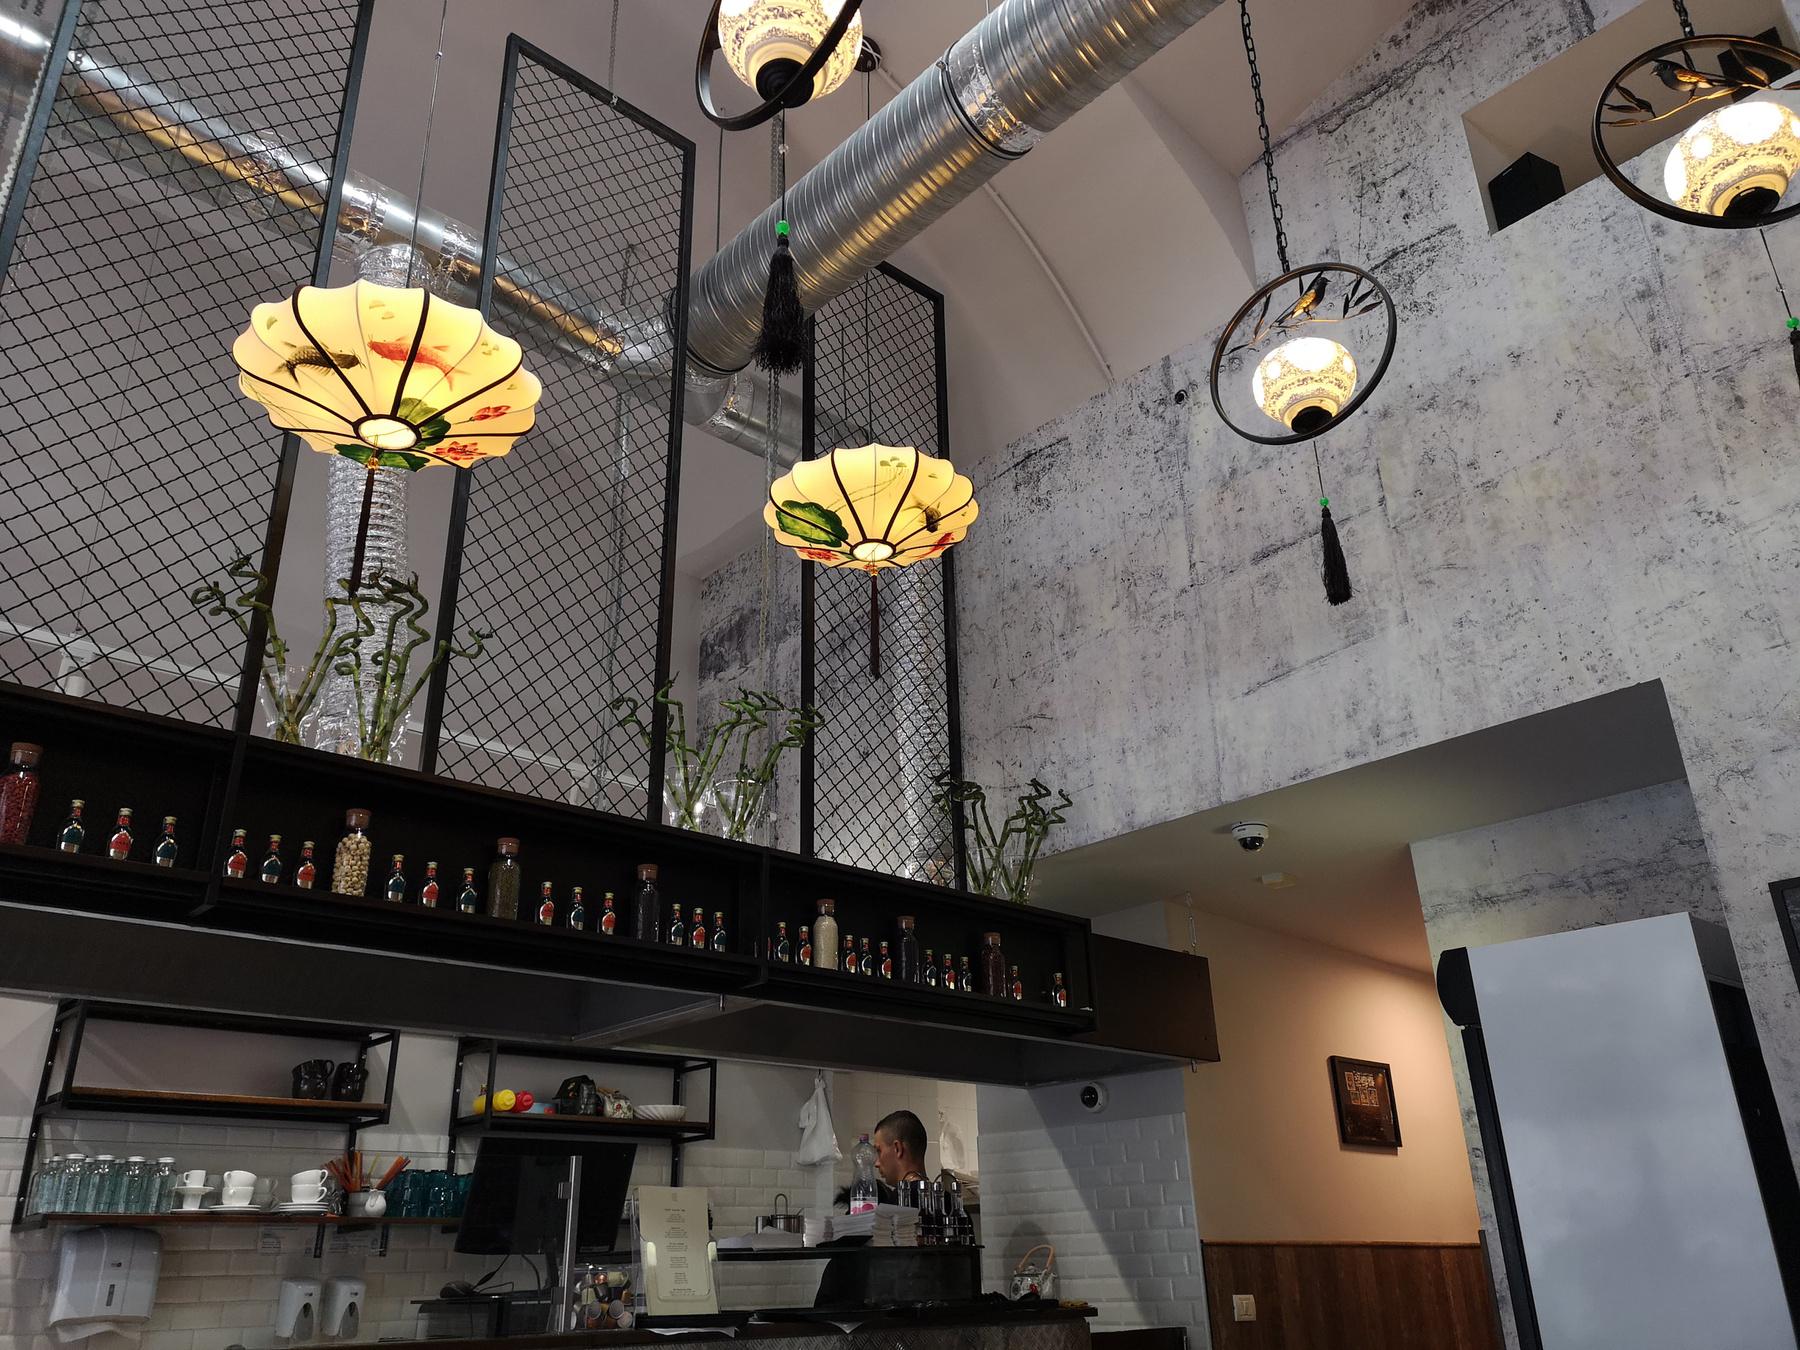 Április másodikától már nagyüzemben vár mindenkit a belvárosban az étterem, és hamarosan nyílik a következő is, a Fővám Téren.